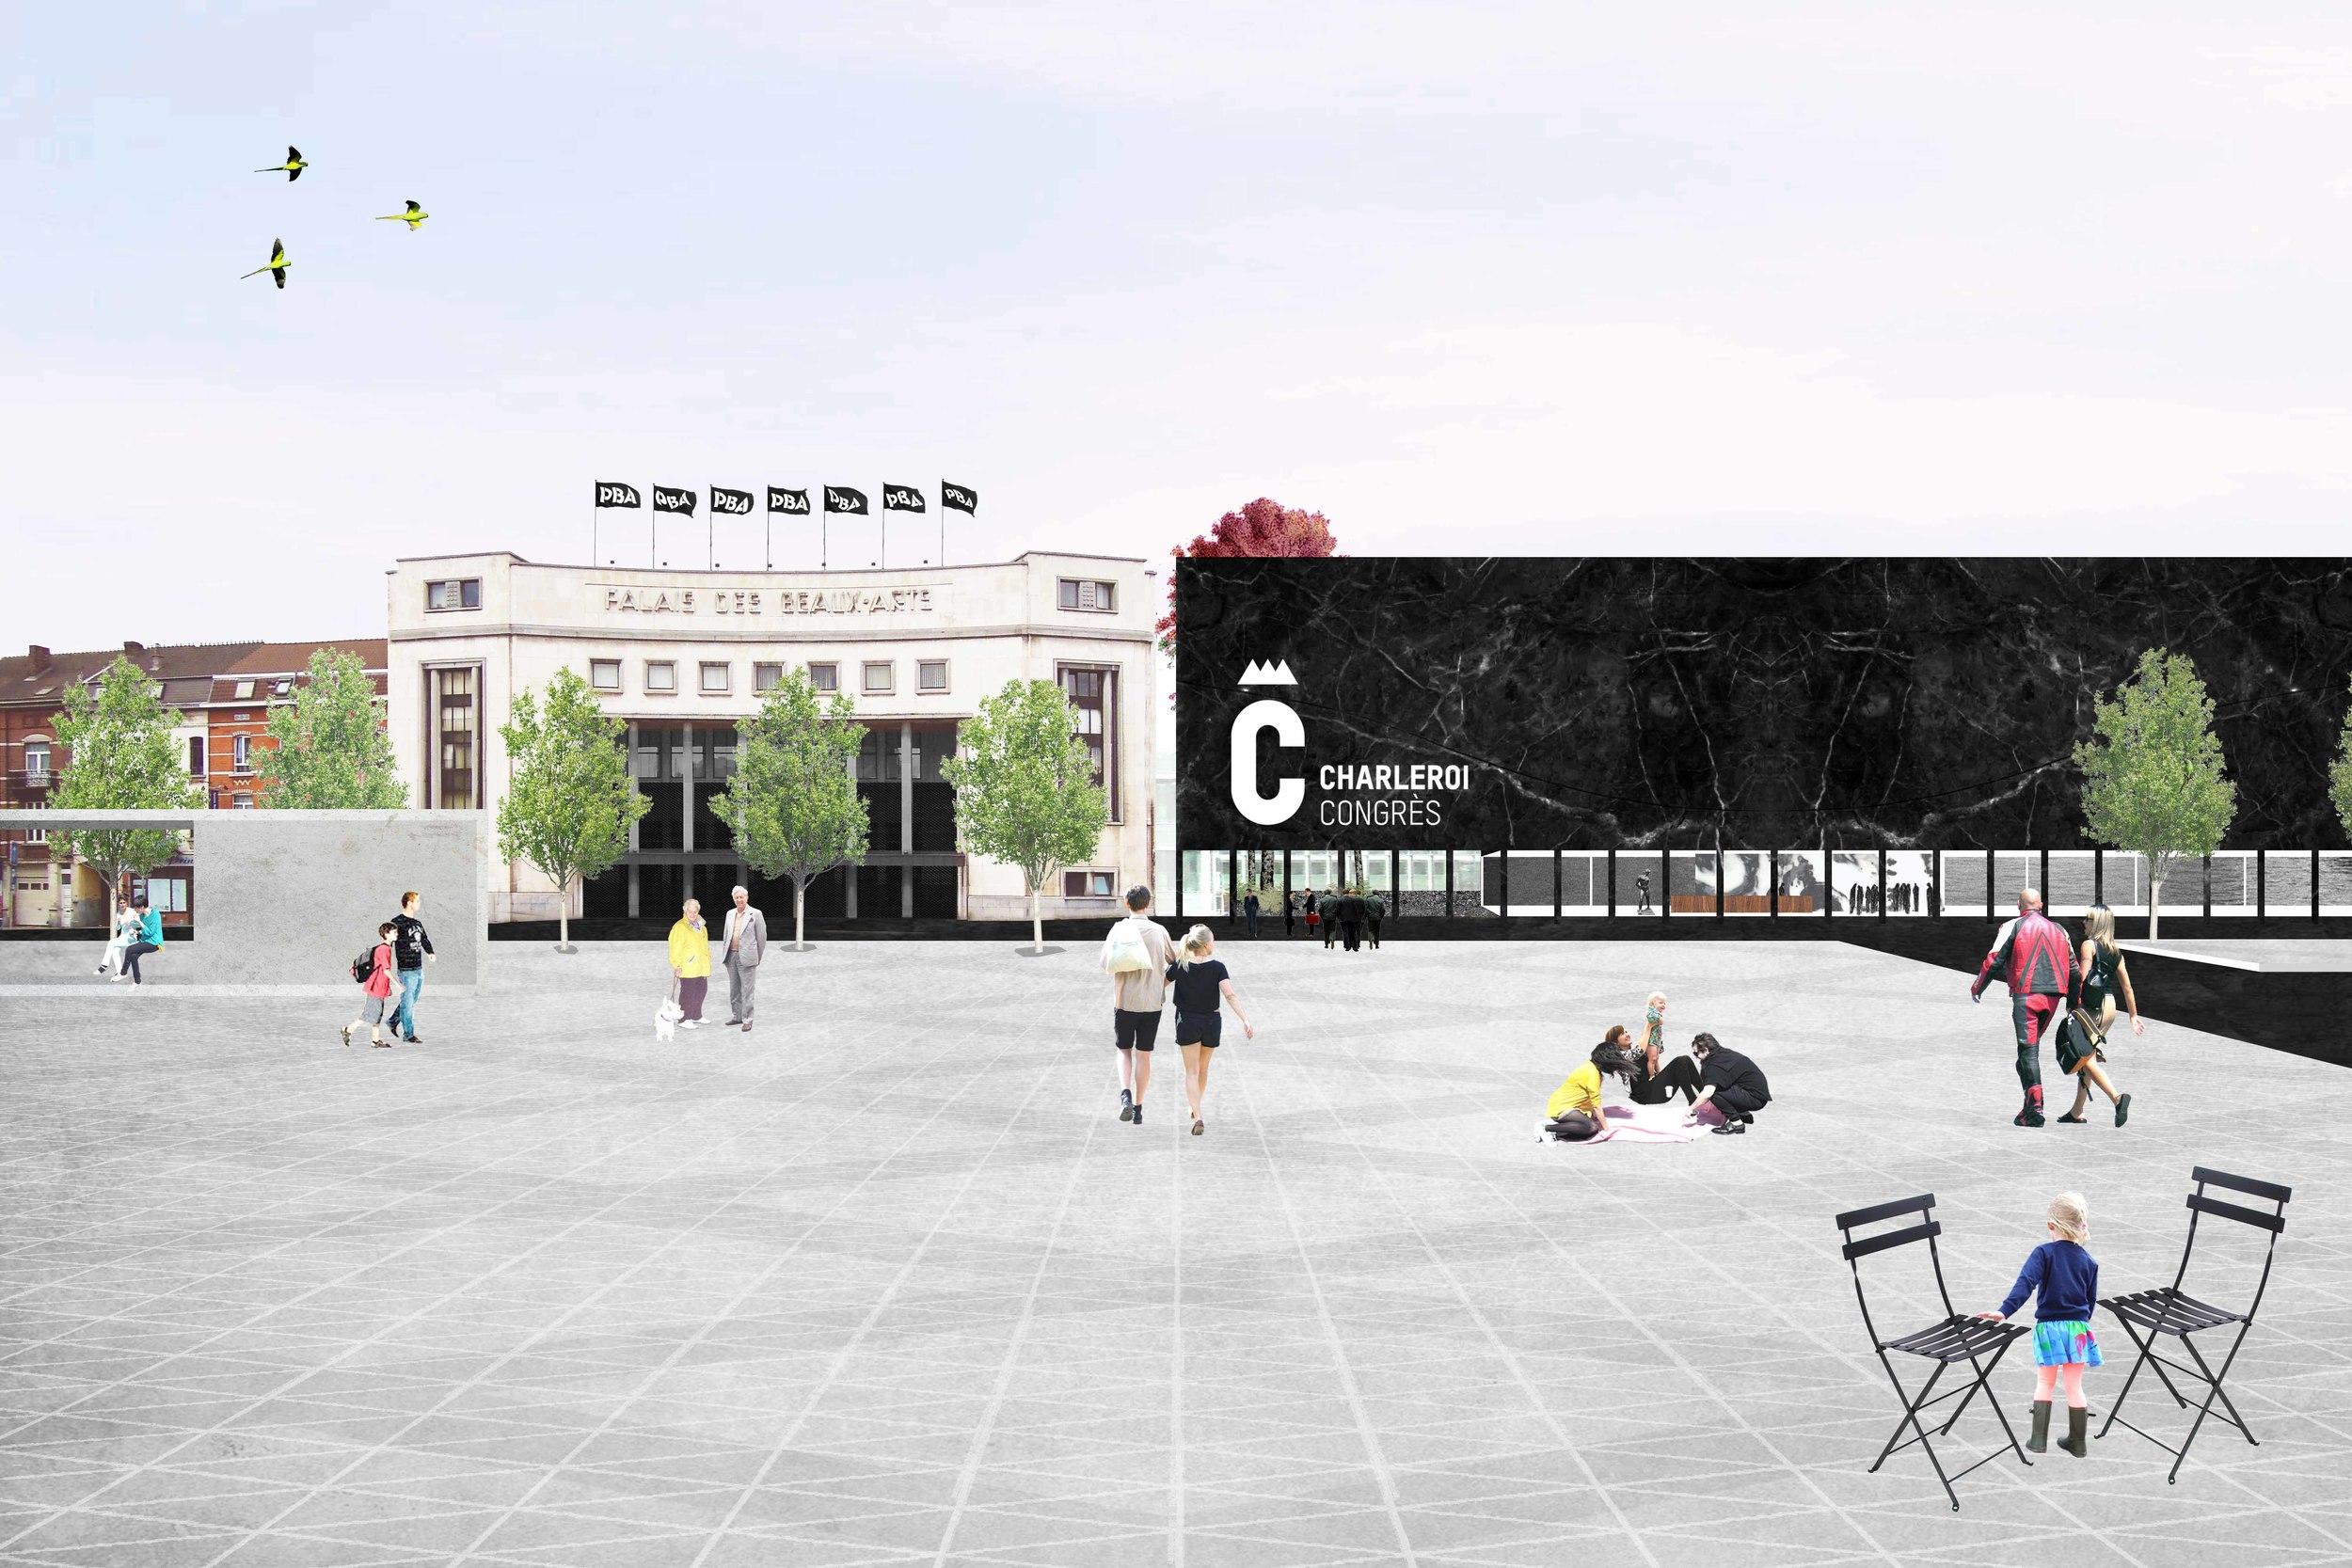 CHARLEROI DC | Portefeuille des projets FEDER 2014-2020   Aujourd'hui, grâce à la programmation 2014-2020 du FEDER, la ville peut réaliser cette ambitieuse rénovation du quadrant nord-ouest de son centre-urbain.  + d'informations